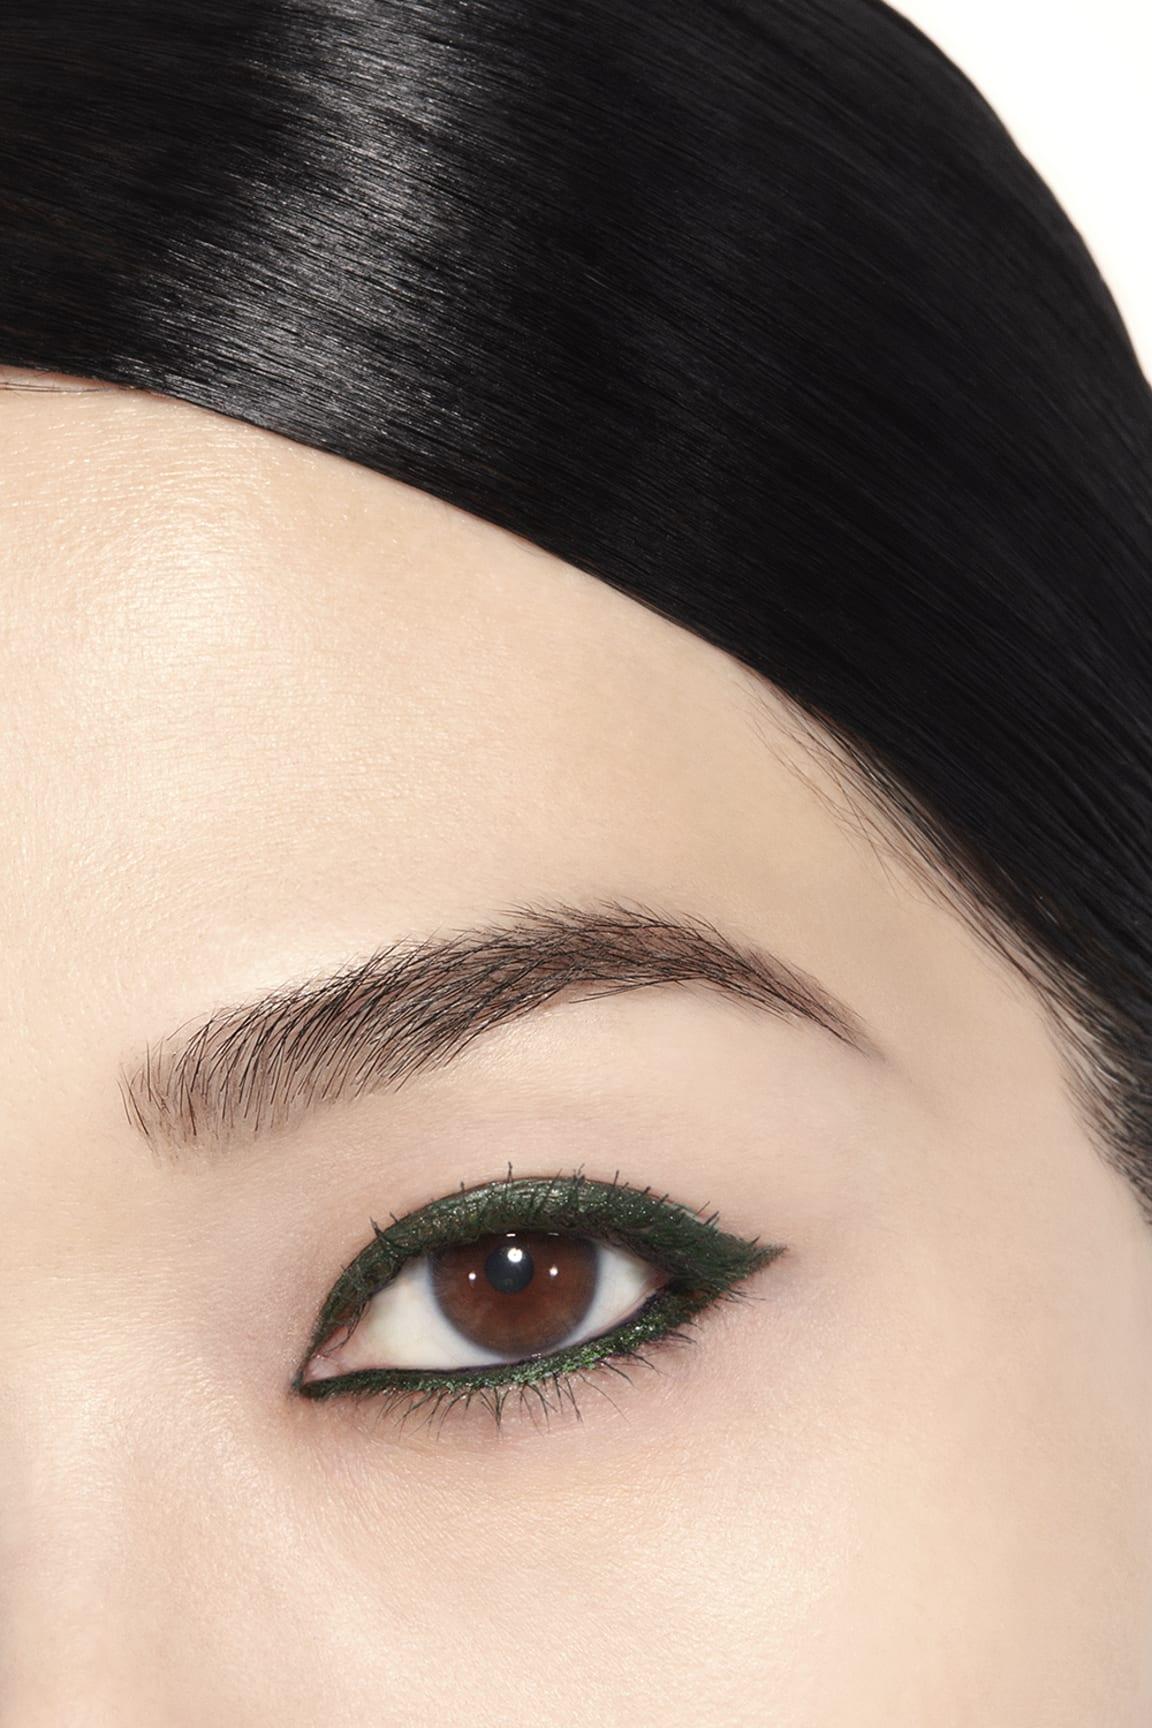 Anwendung Make-up-Bild 1 - STYLO YEUX WATERPROOF 56 - KHAKI MÉTAL